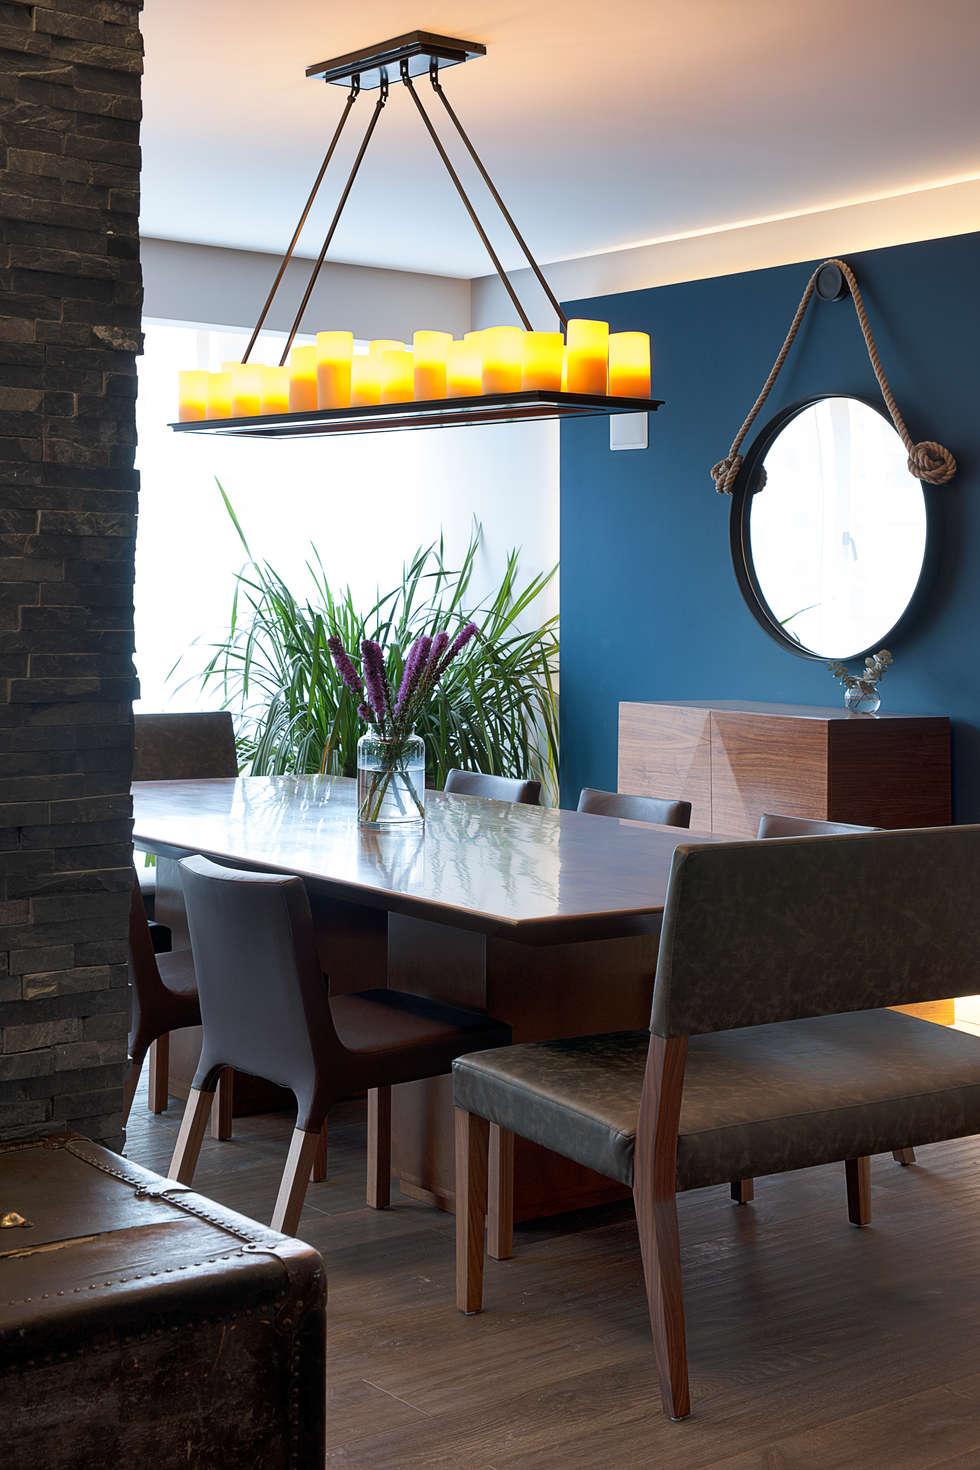 Departamento DL: Comedores de estilo moderno por kababie arquitectos